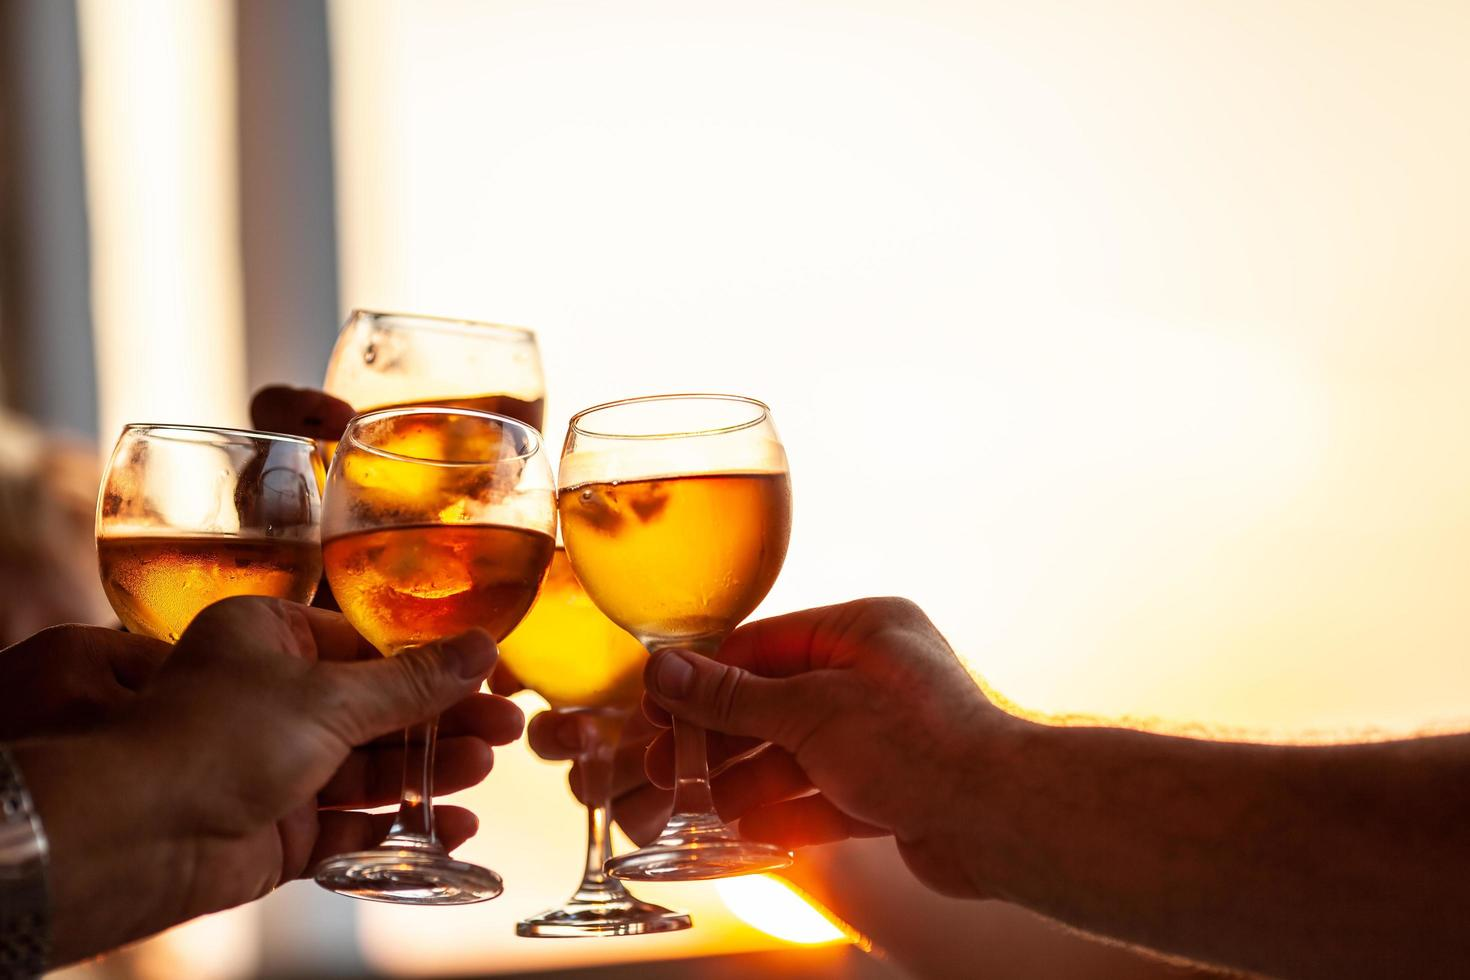 amis, grillage avec du vin lors d'une fête photo